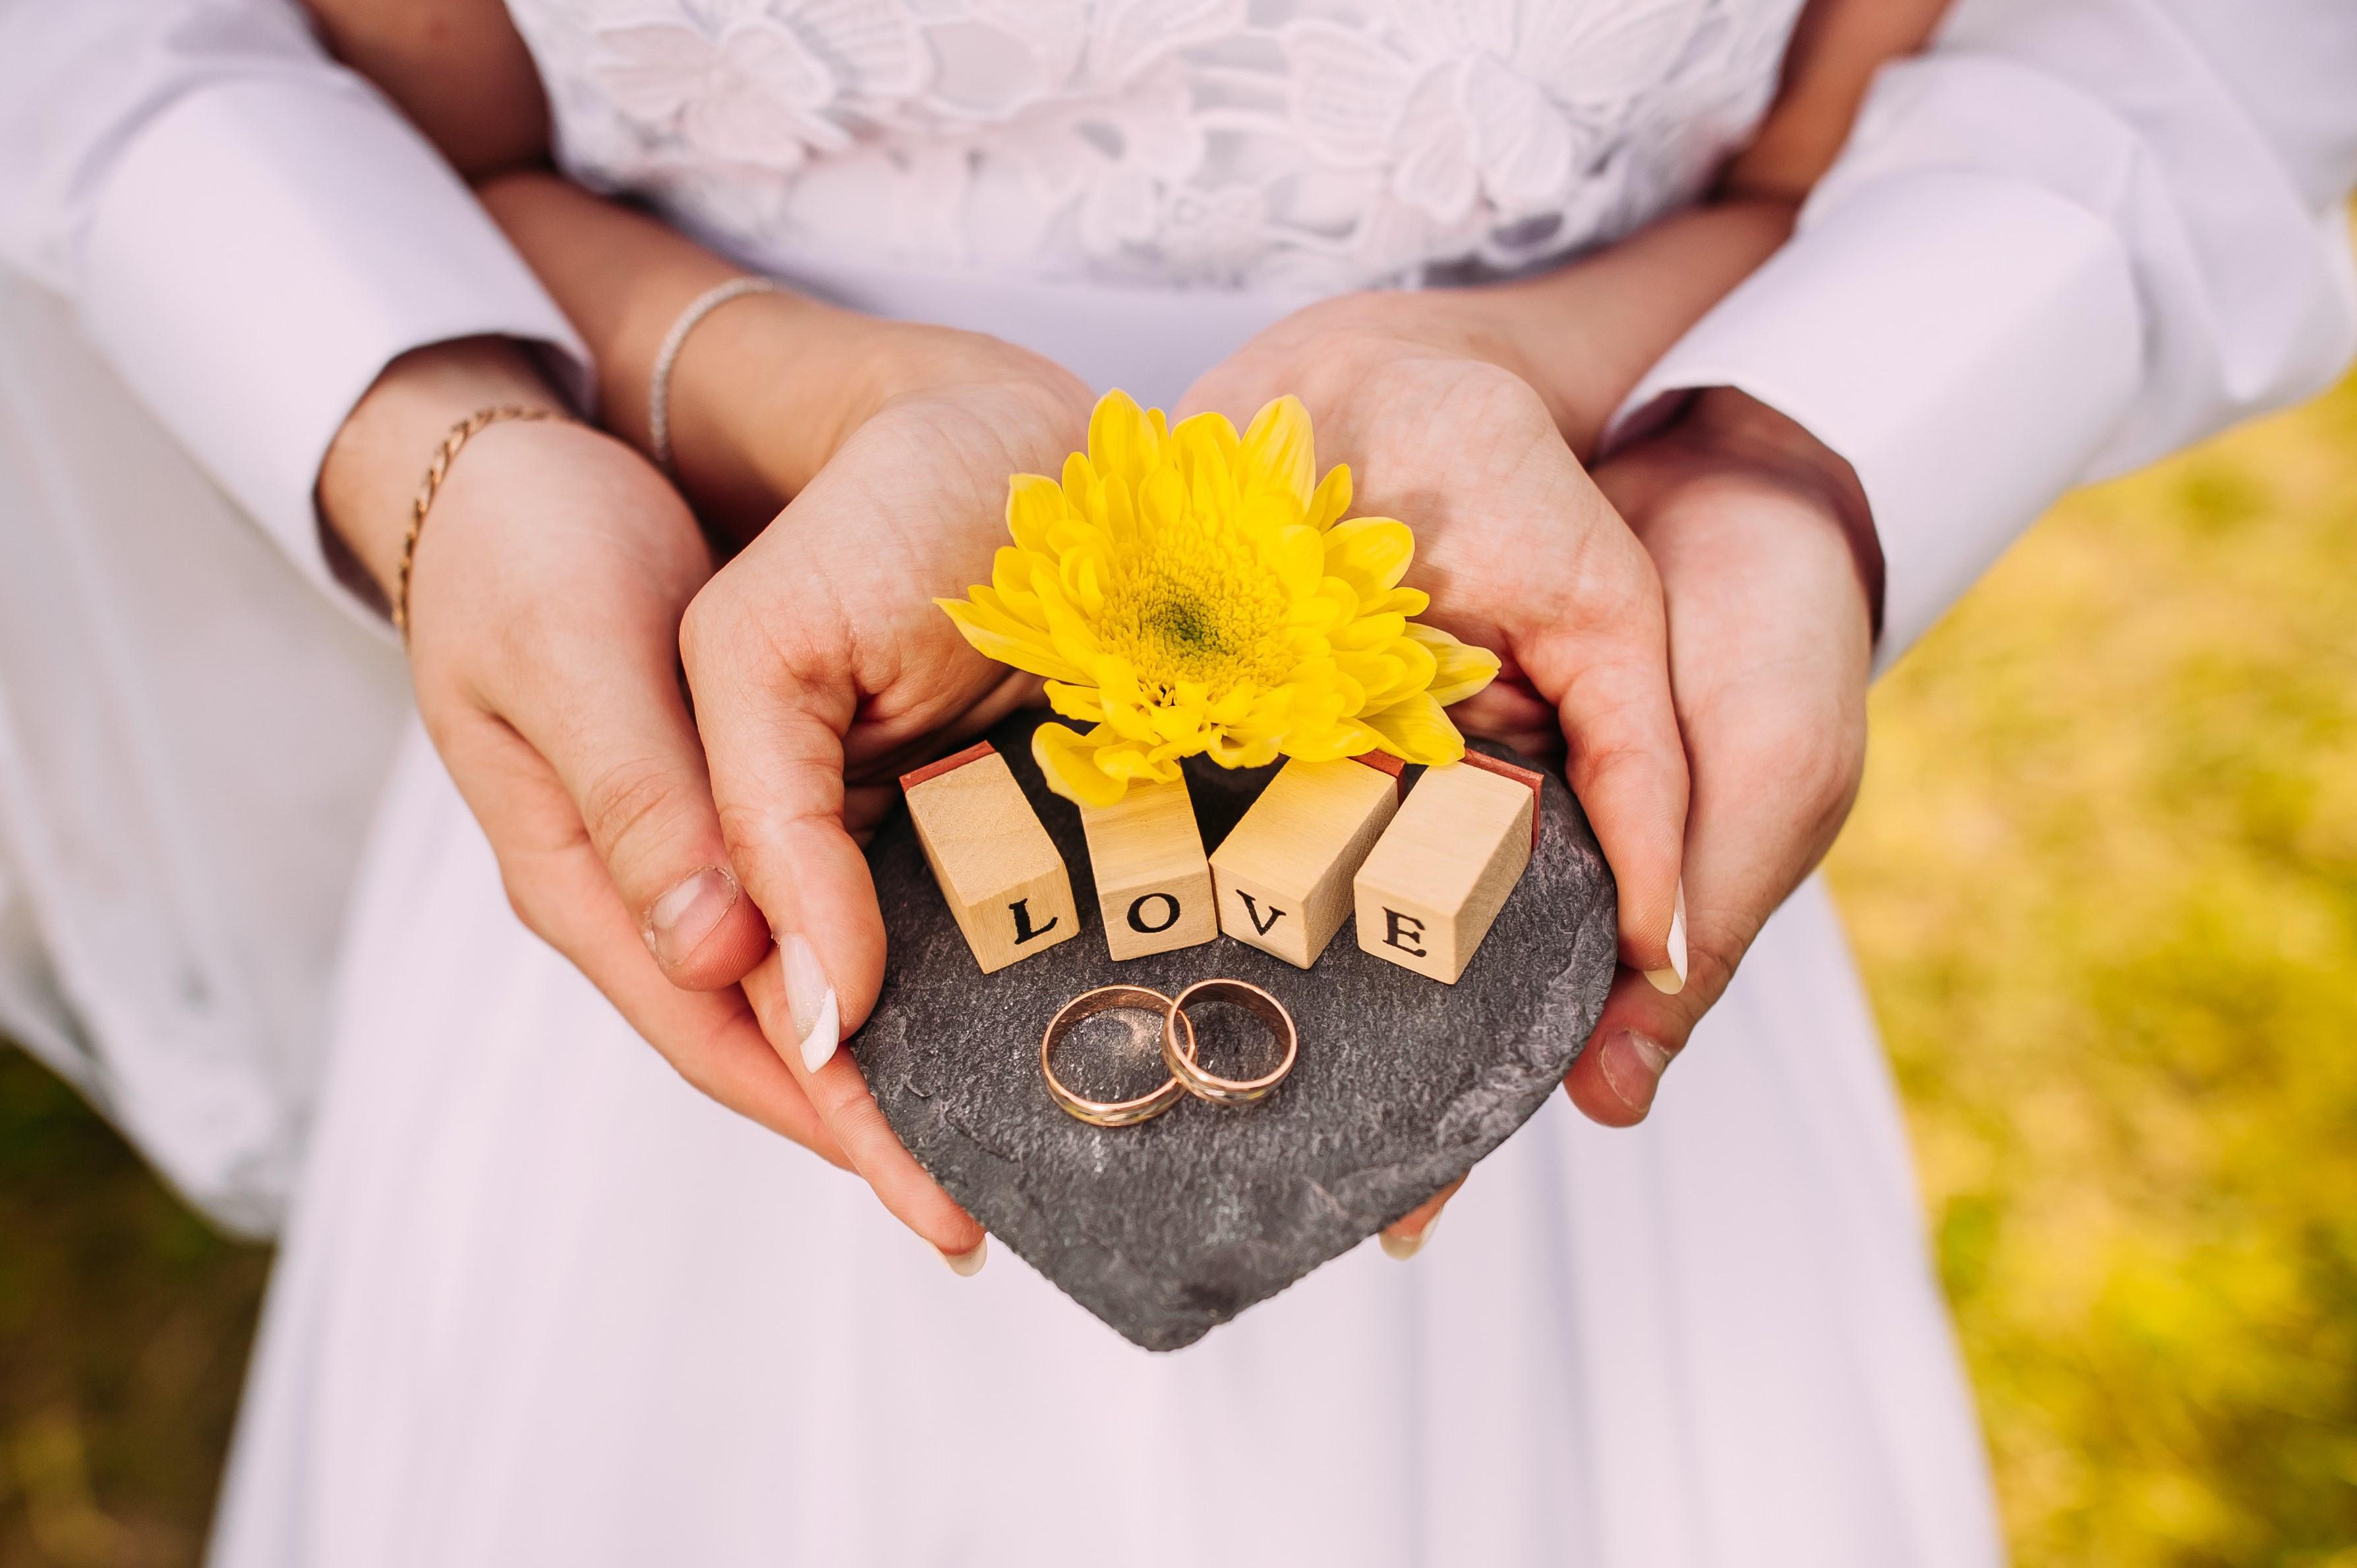 נישואין אזרחיים, טקס חתונה אזרחי, חוק ברית הזוגיות